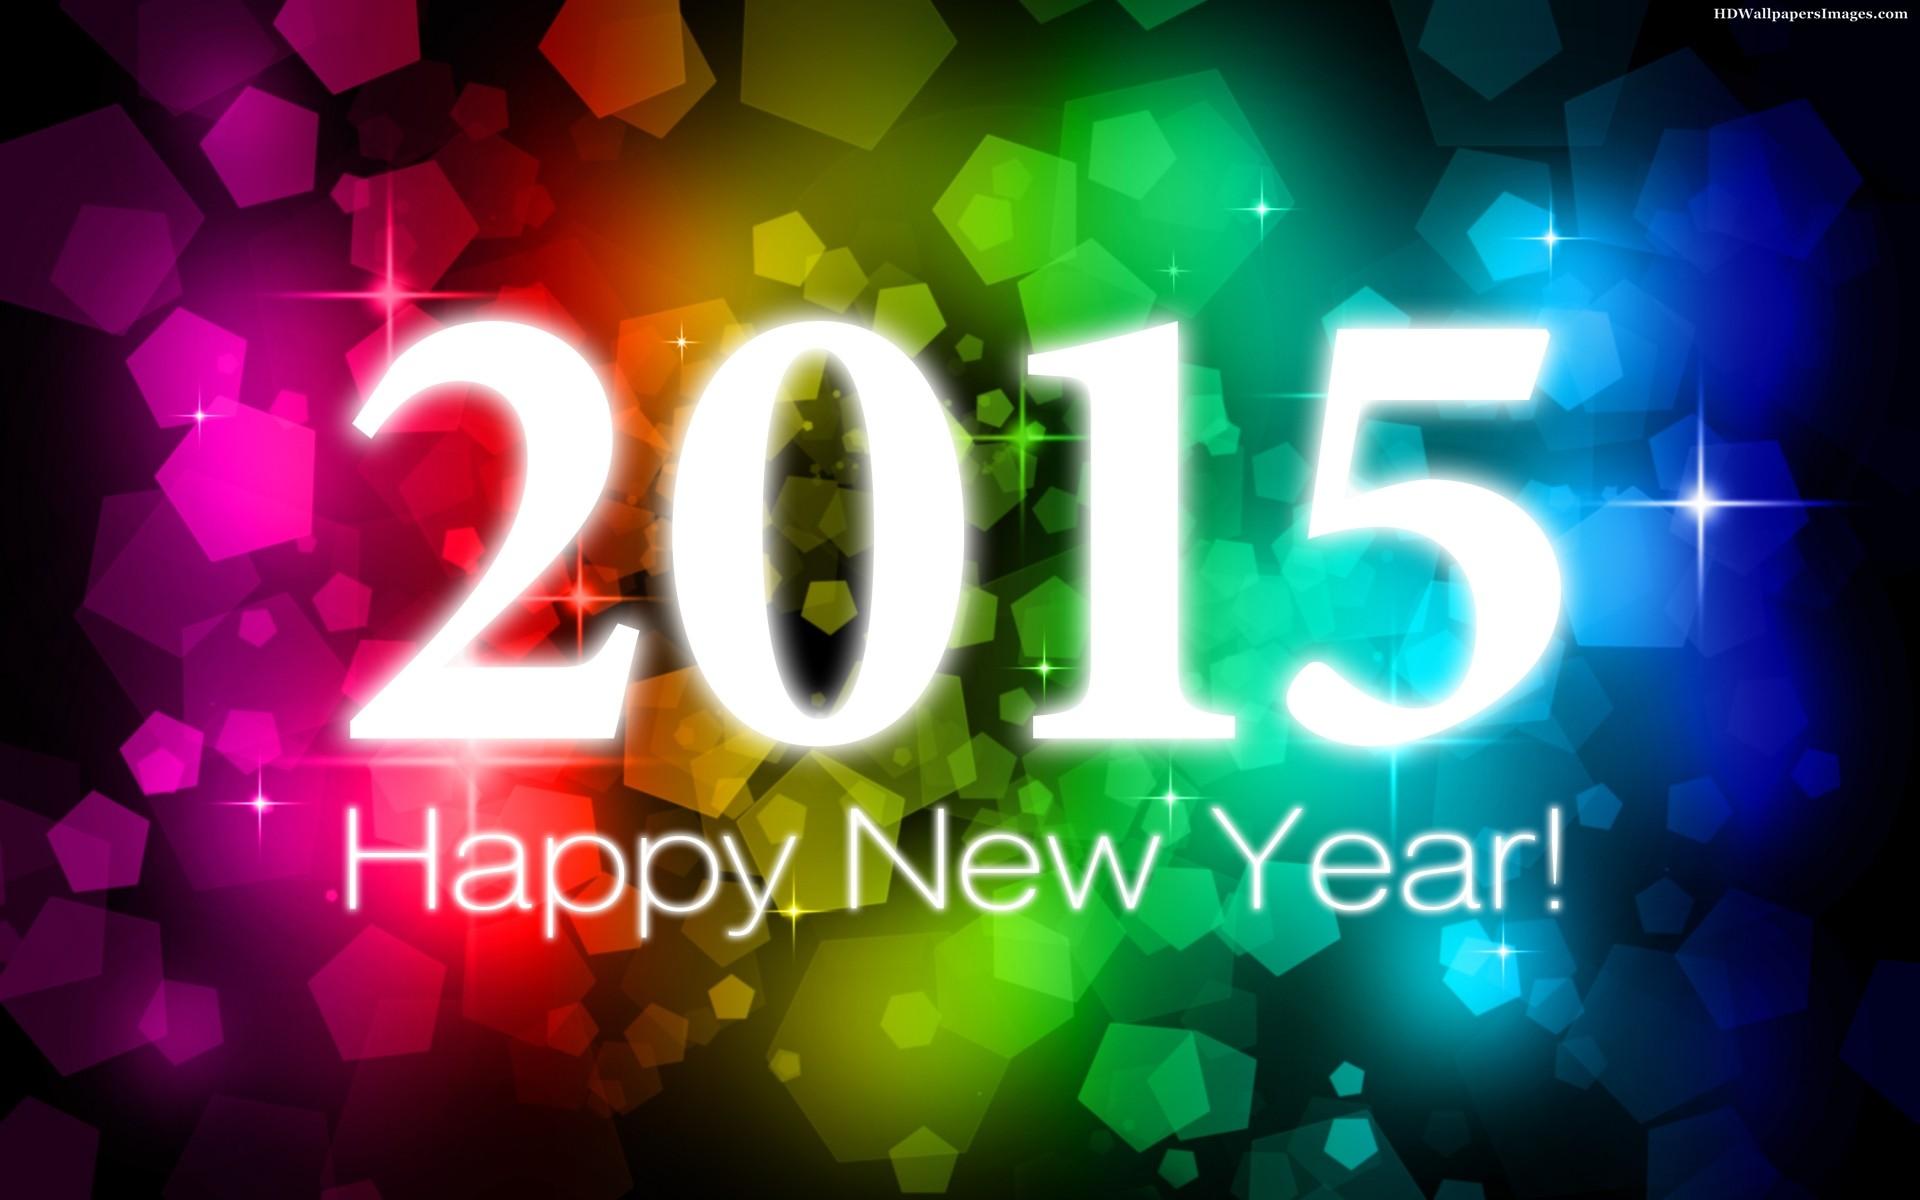 1920 x 1200 jpeg 222kB, 2015 Happy New Year Malayalam/page/2 | Search ...